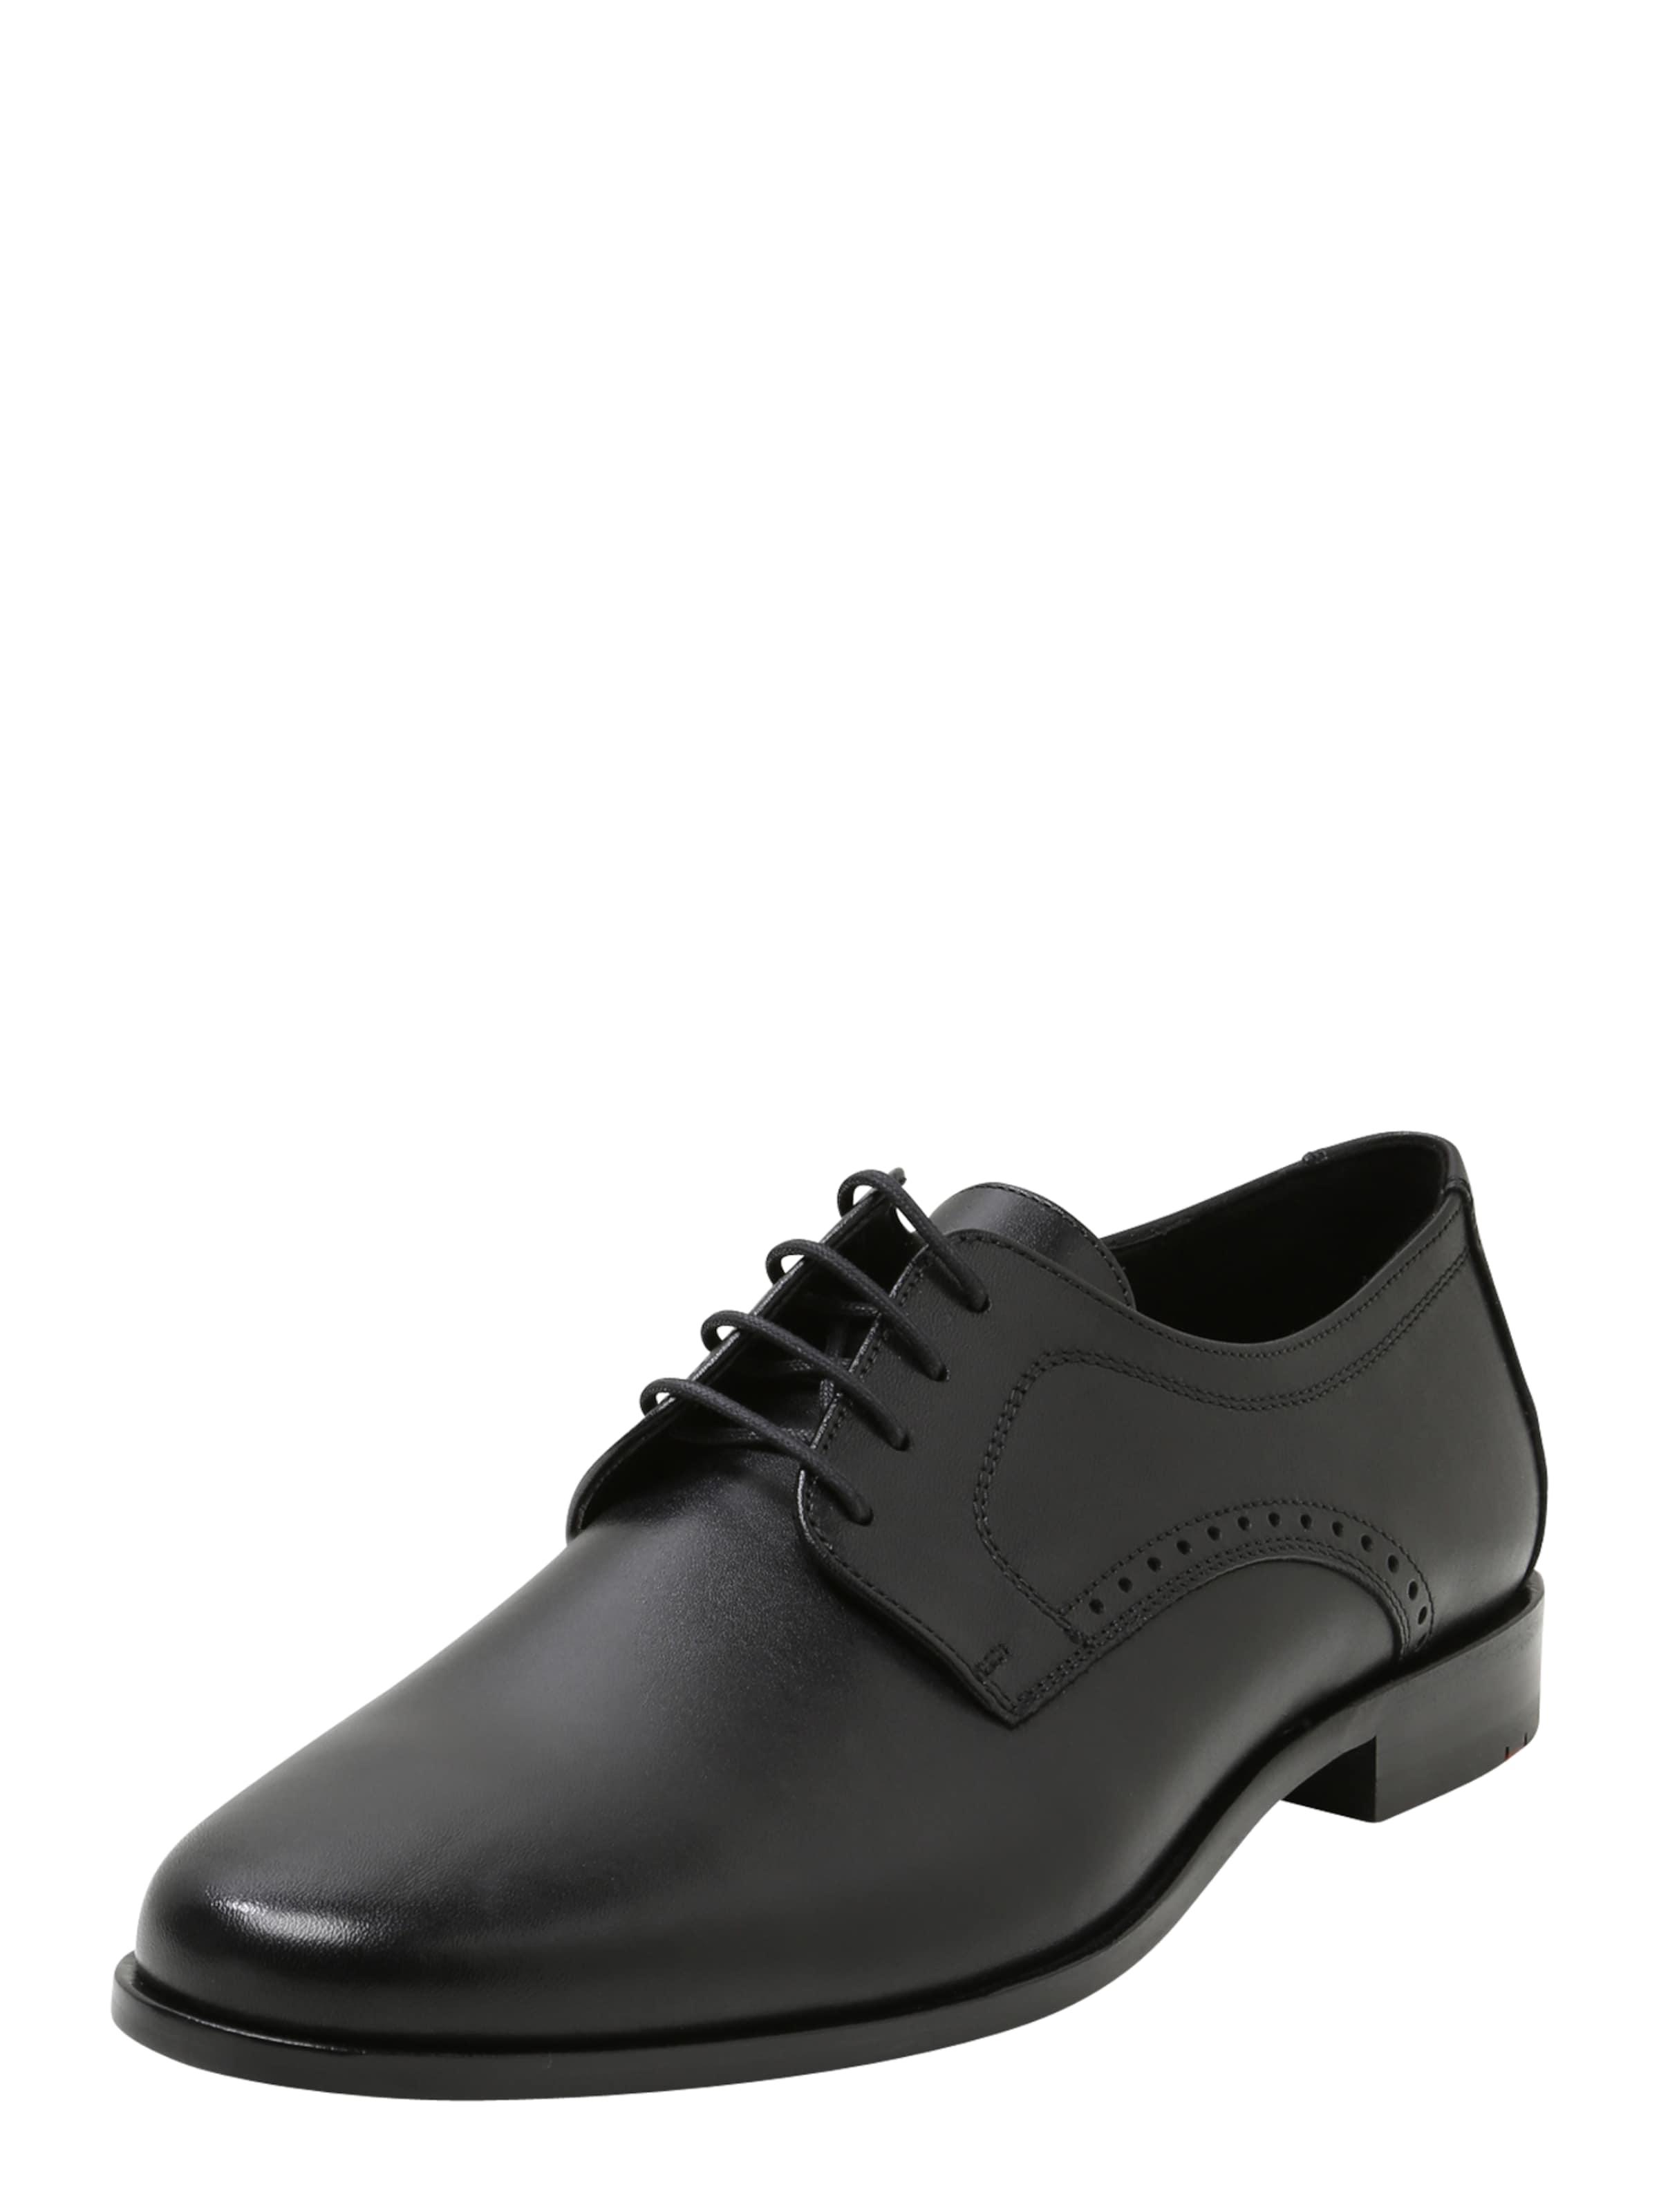 LLOYD Schnürschuhe PACKARD Verschleißfeste billige Schuhe